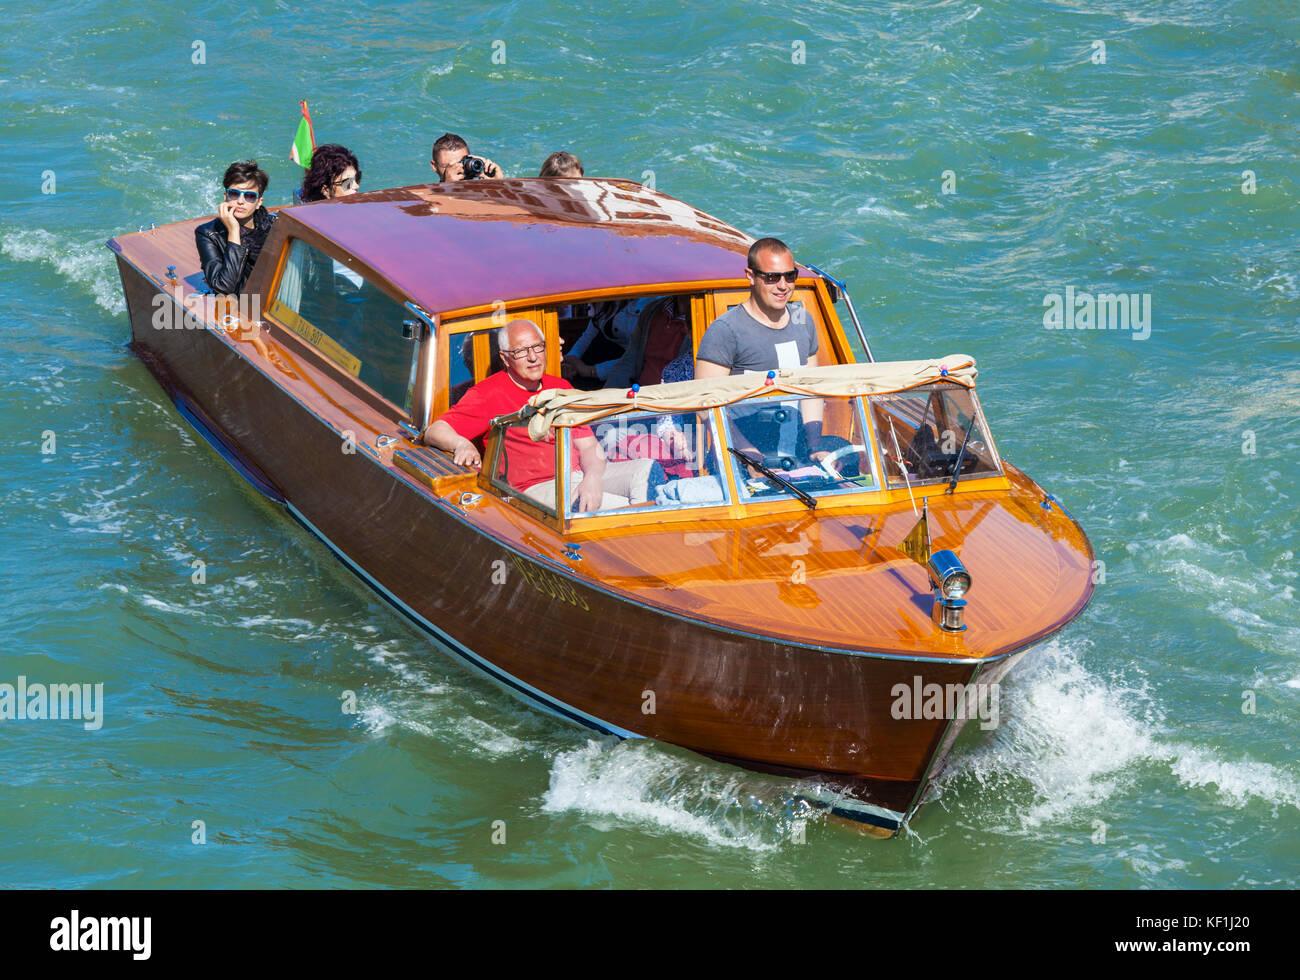 Venise ITALIE VENISE un taxi d'eau privé à Venise sur le Grand Canal Venise Italie Europe de l'UE Photo Stock